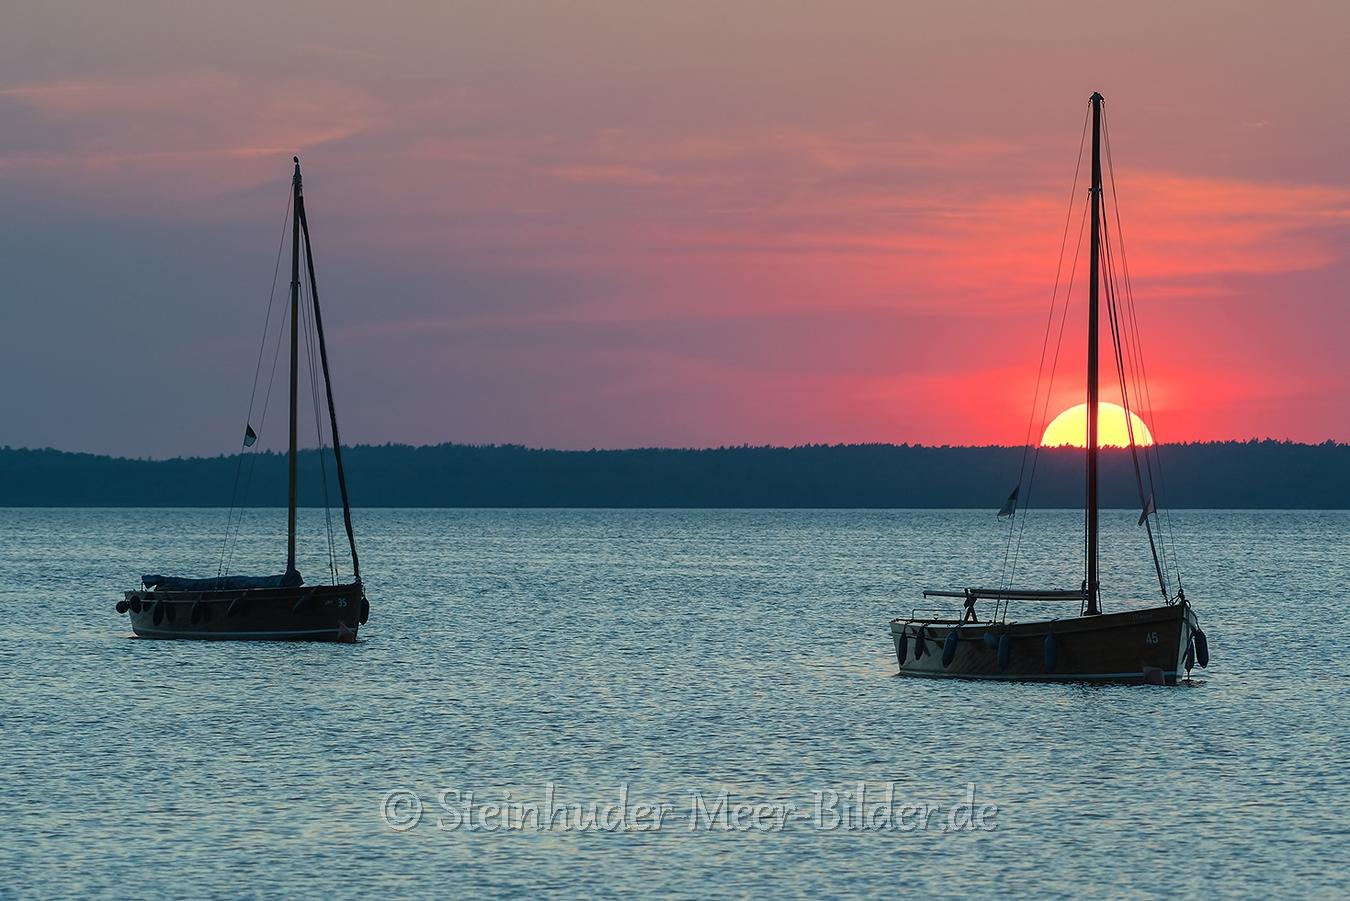 Segelboot-Boot-Sonnenuntergang-Abendhimmel-Daemmerung-Abendstimmung-Abendlicht-Steinhuder Meer-A_NIK500_0202